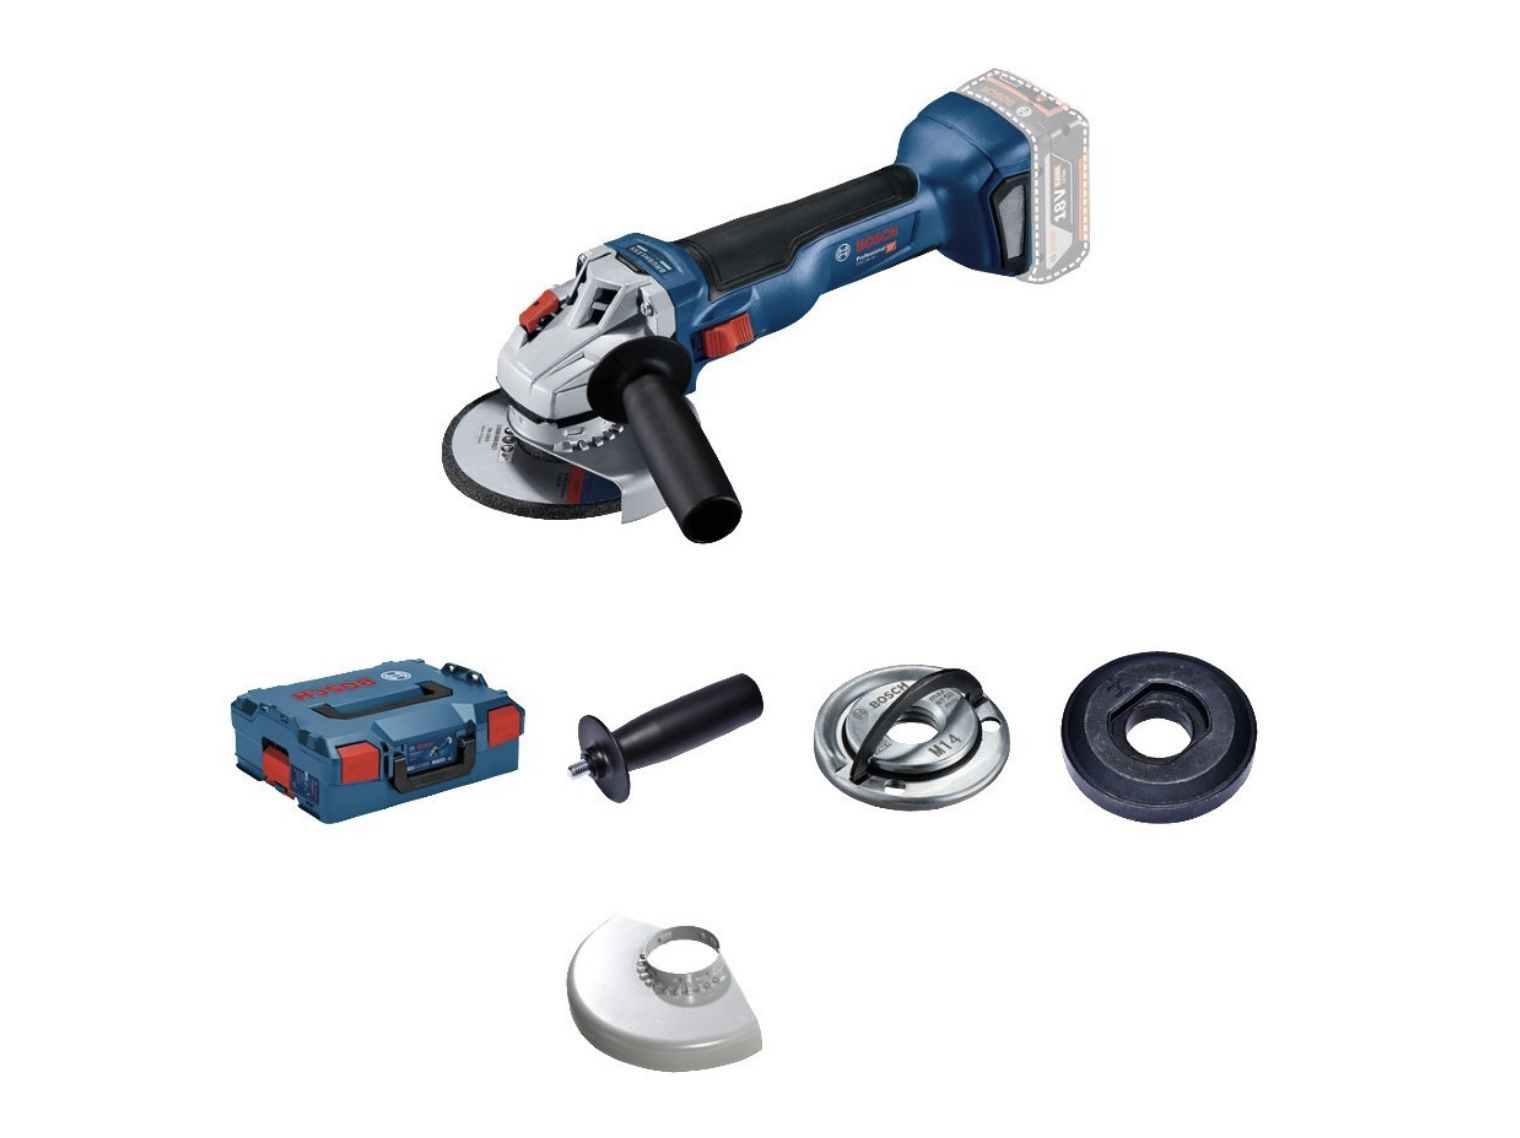 Bosch Professional GWS 18V-10 Akku-Winkelschleifer ohne Akkus und Ladegerät in L-BOXX 136 für 110,22€ (statt 135€)